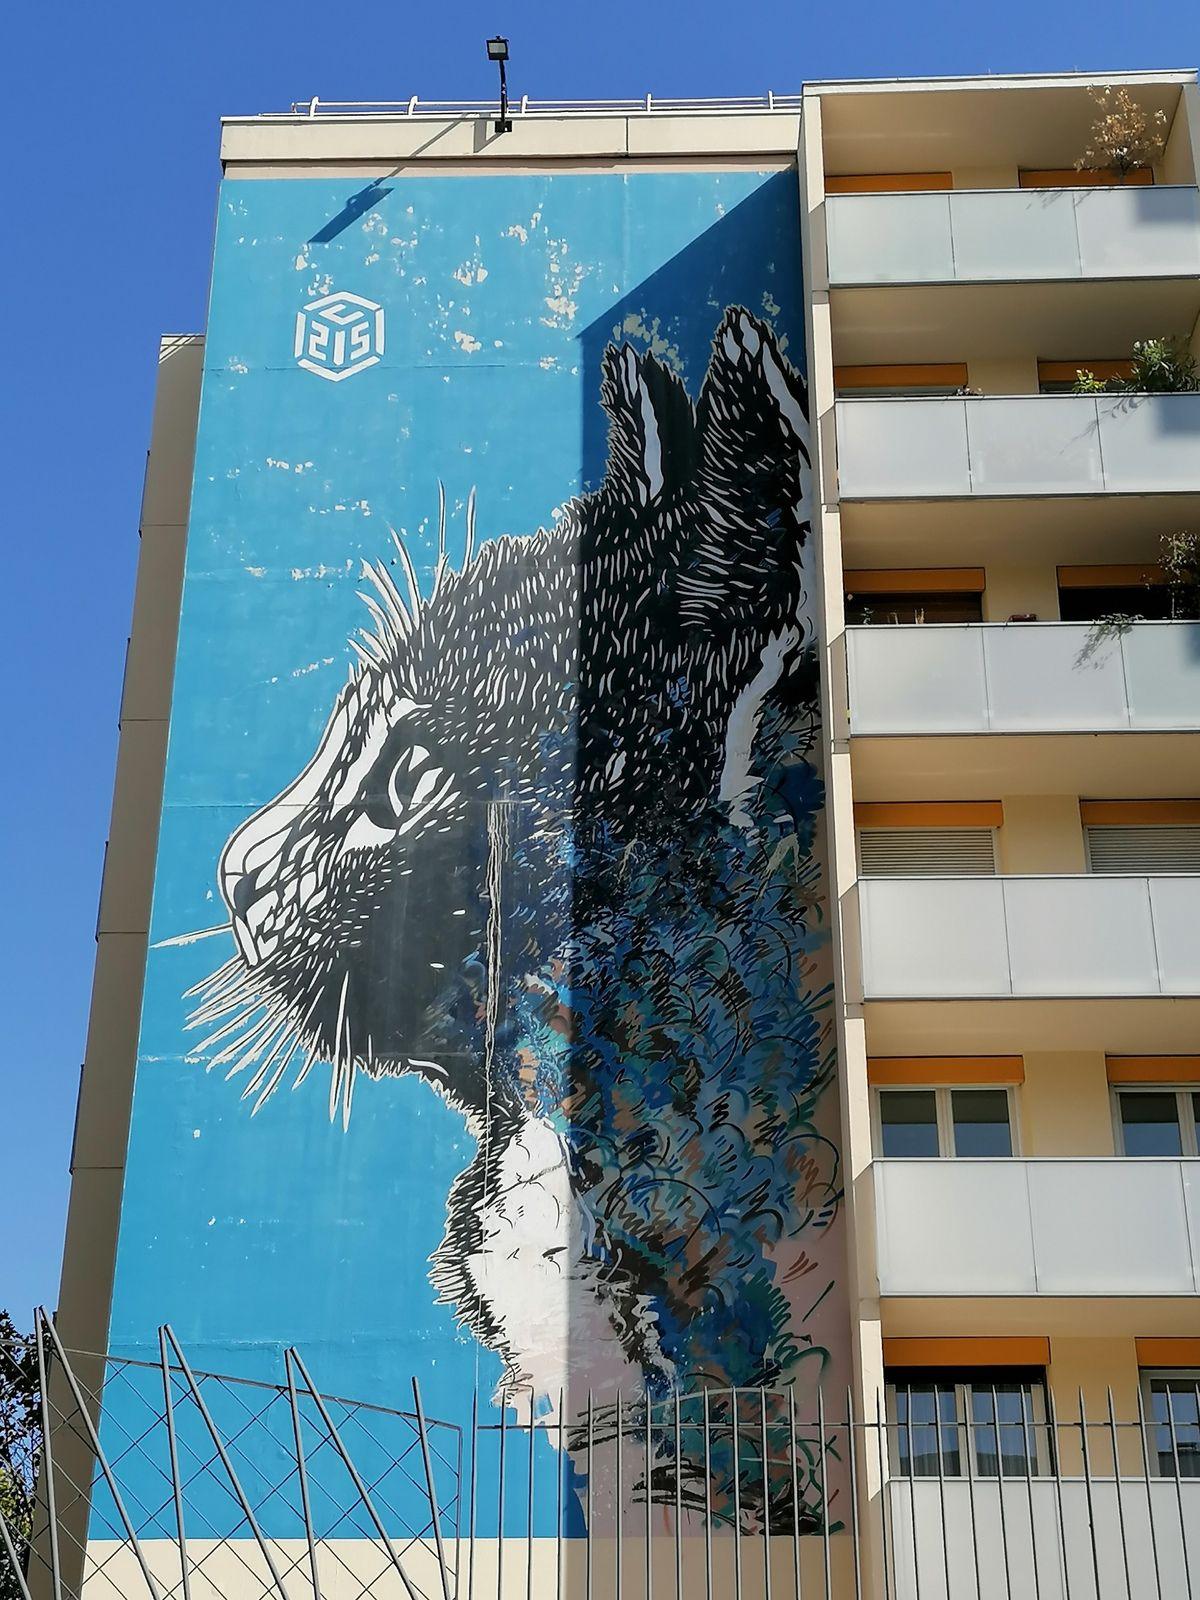 Le chat bleu, de Christian Guémy : « Je voulais que ce chat devienne le chat du quartier. Je voulais que les gens soient heureux de le voir depuis le métro, qu'ils l'aiment. J'espère que bientôt les gens diront : retrouvons nous au chat ! »